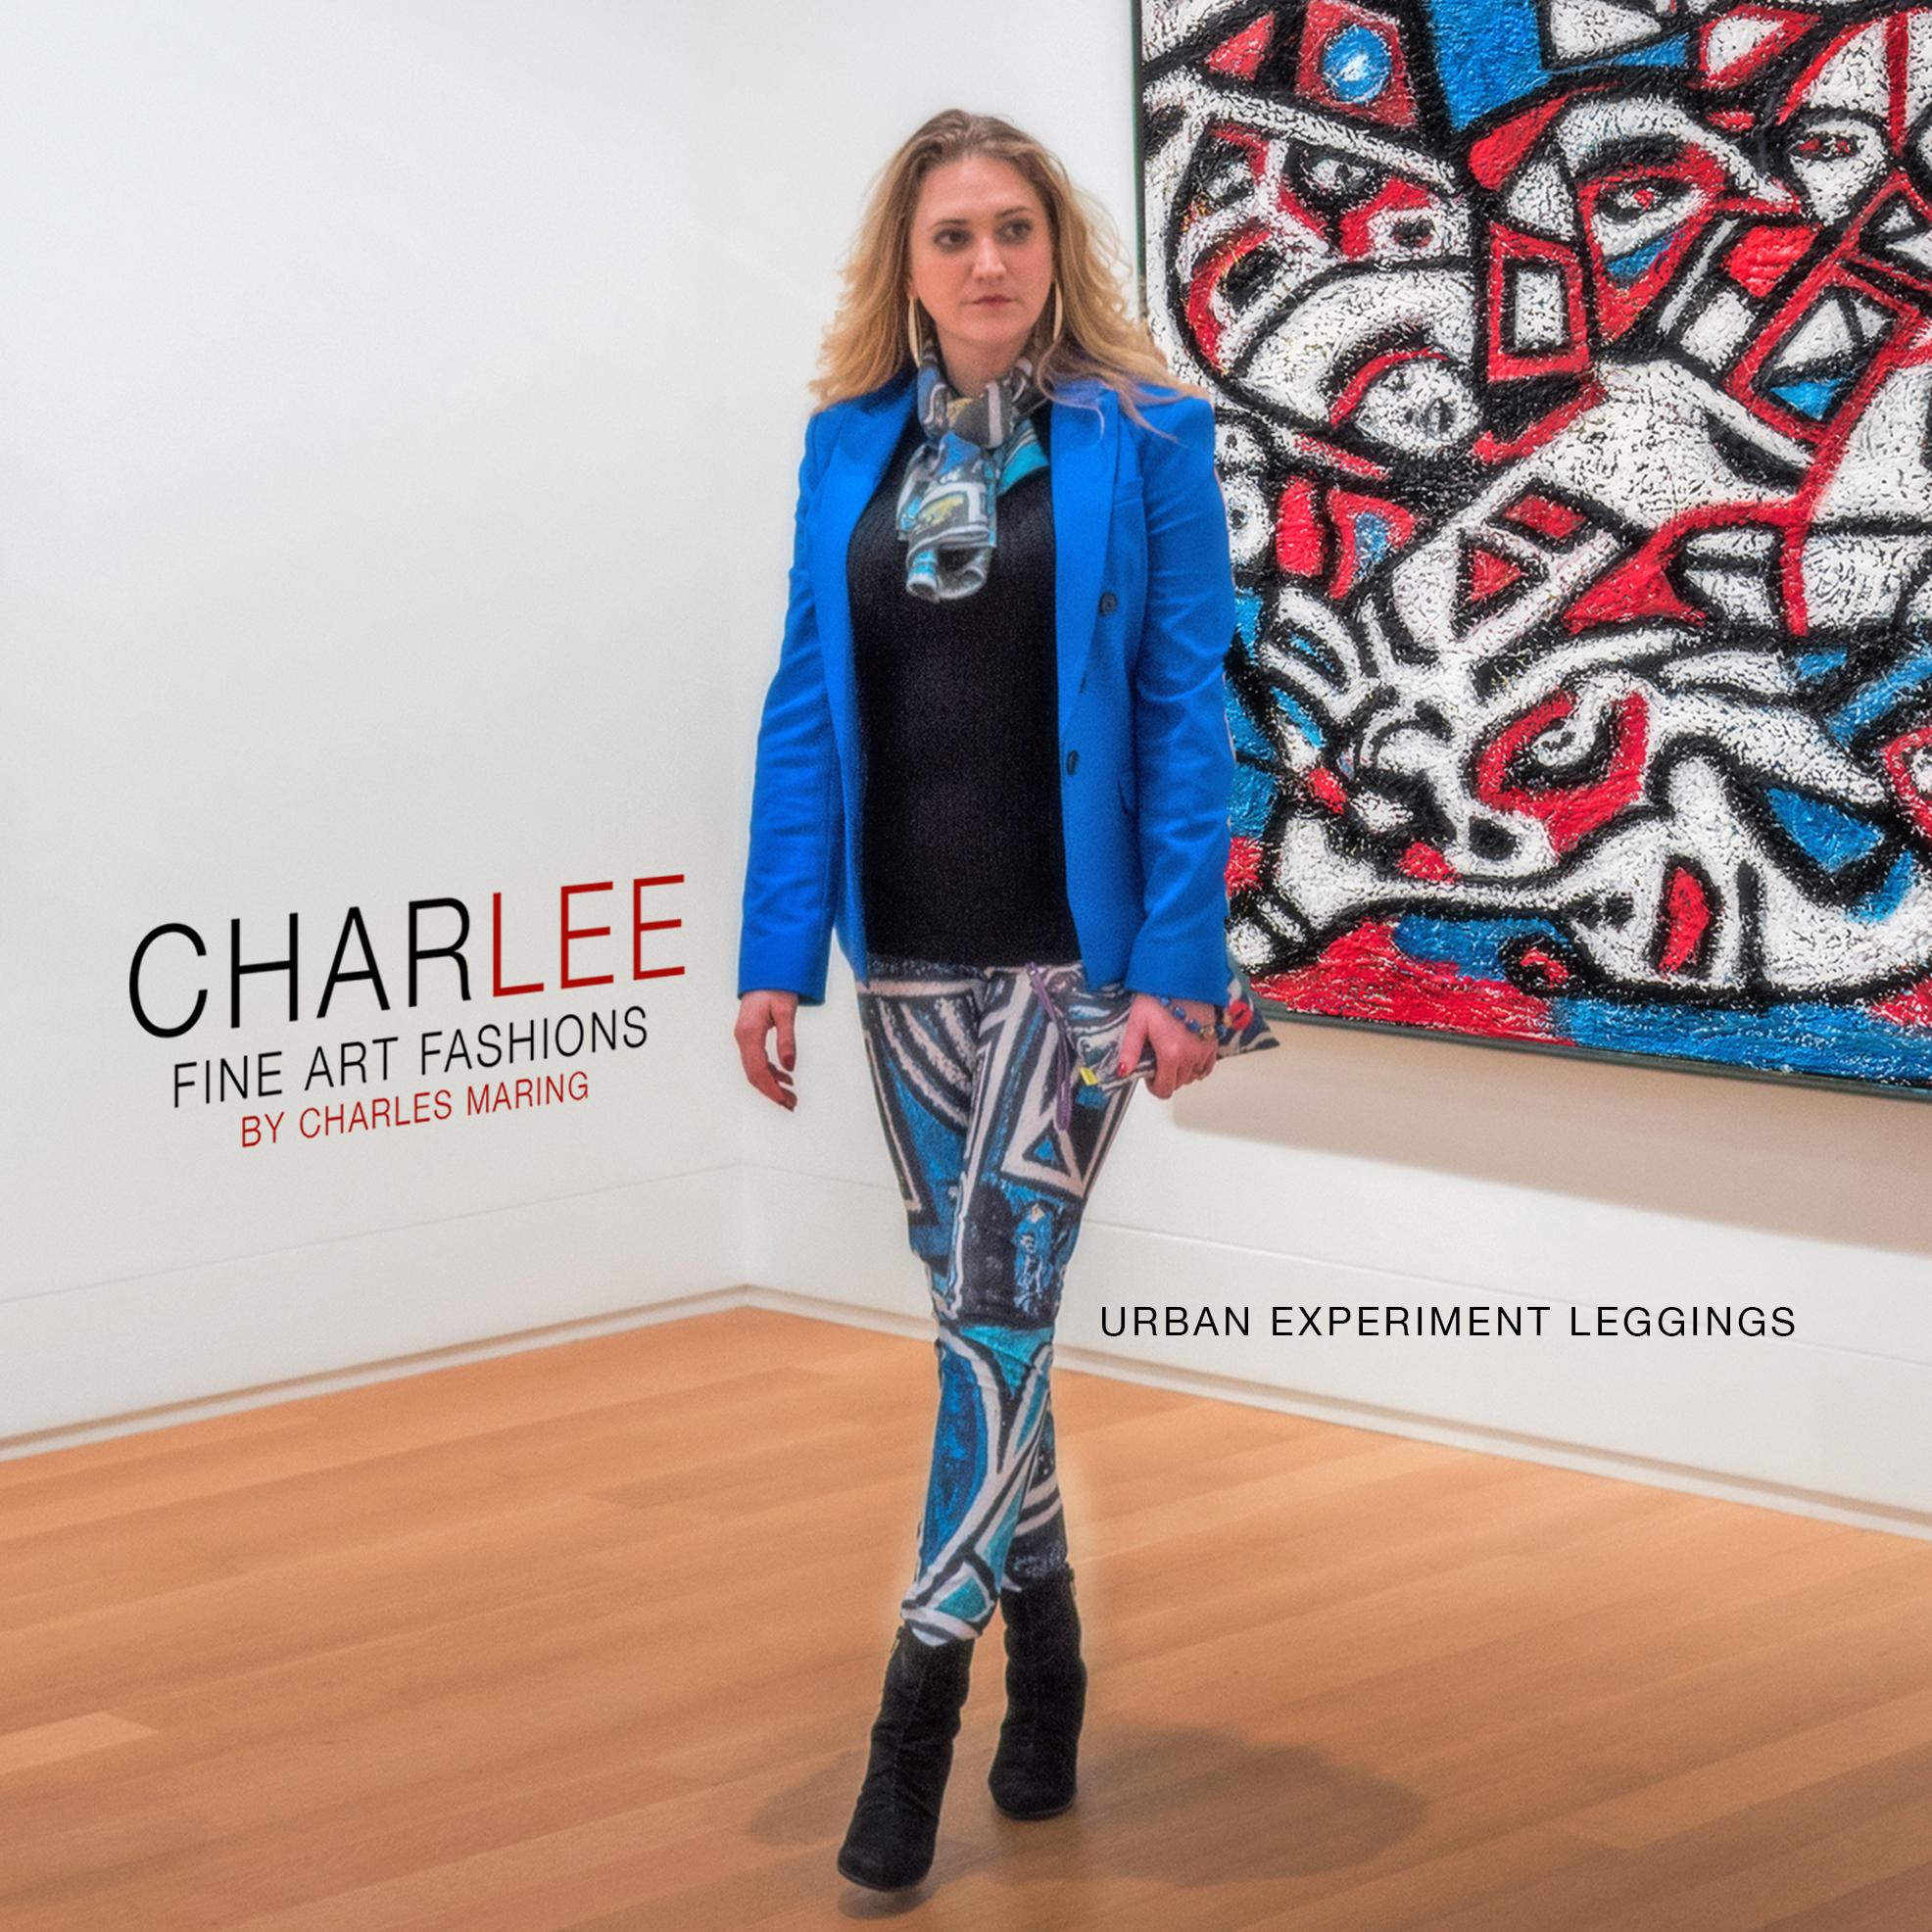 Urban Experiment Leggings by Charlee.jpg